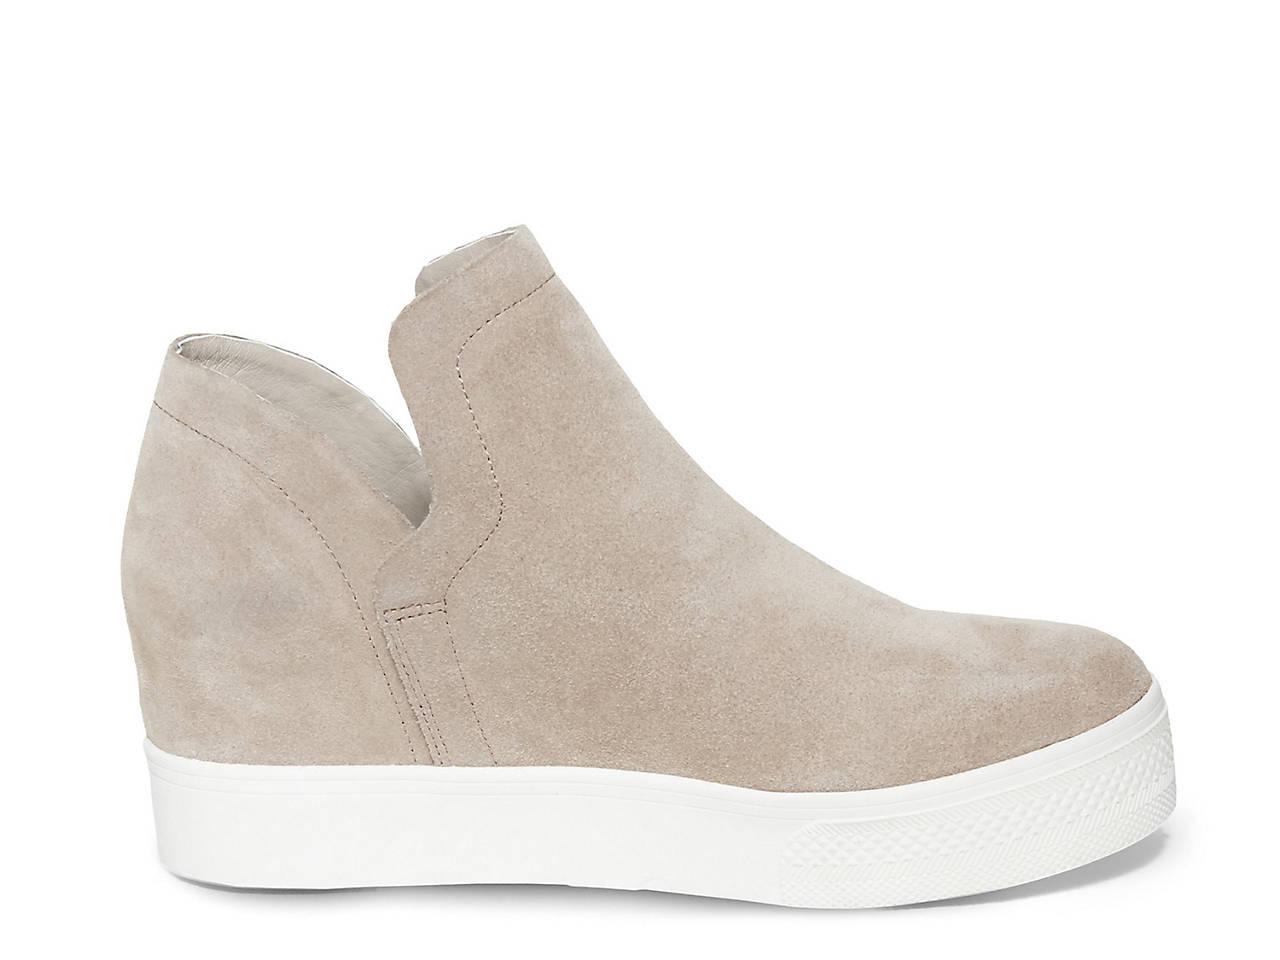 00f9292f3e1 Steve Madden Wrangle Platform Sneaker Women s Shoes